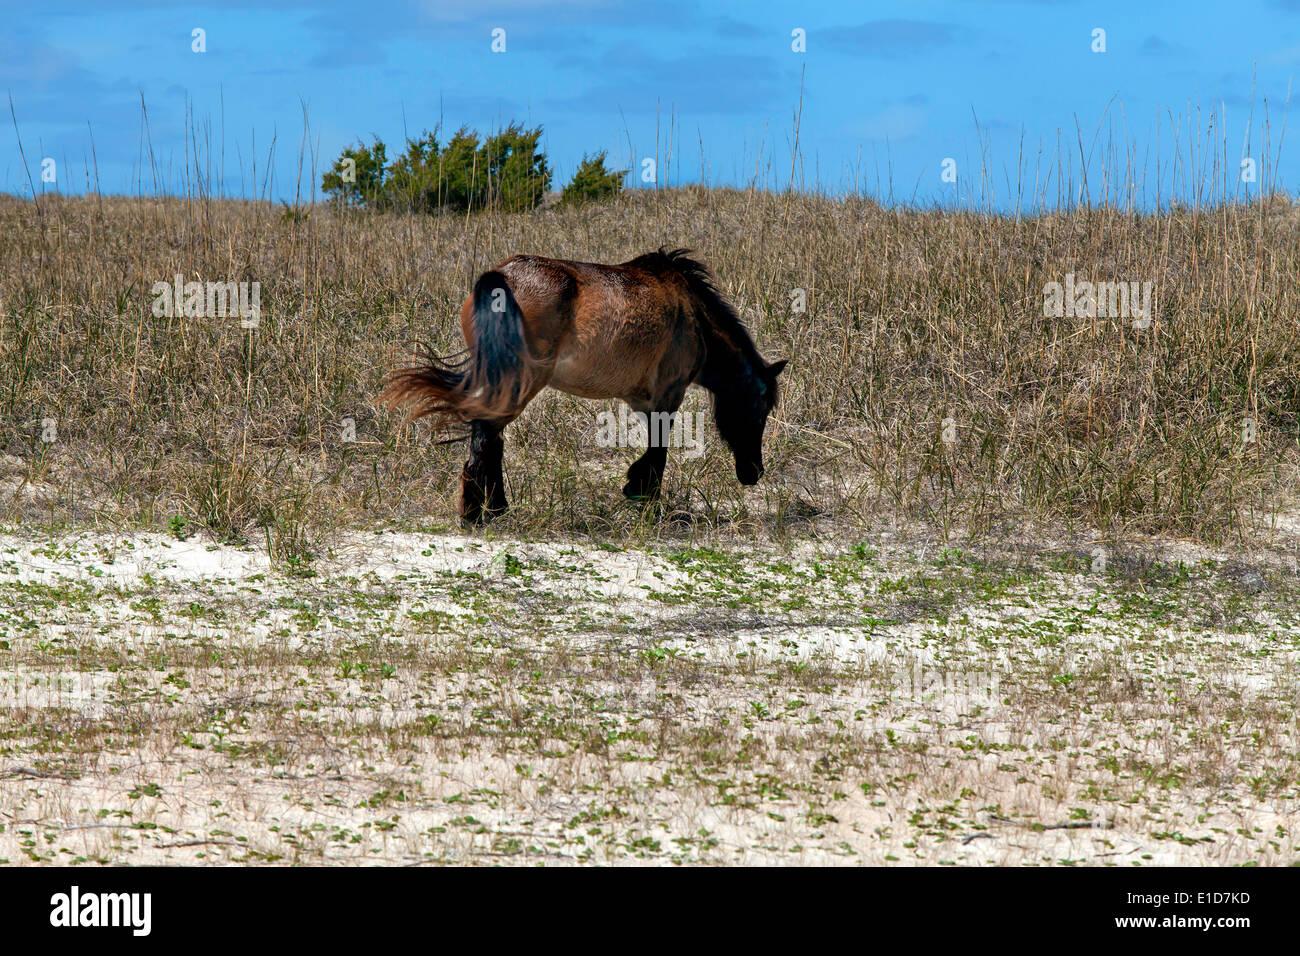 Wild Horses of Shackleford Banks - Stock Image